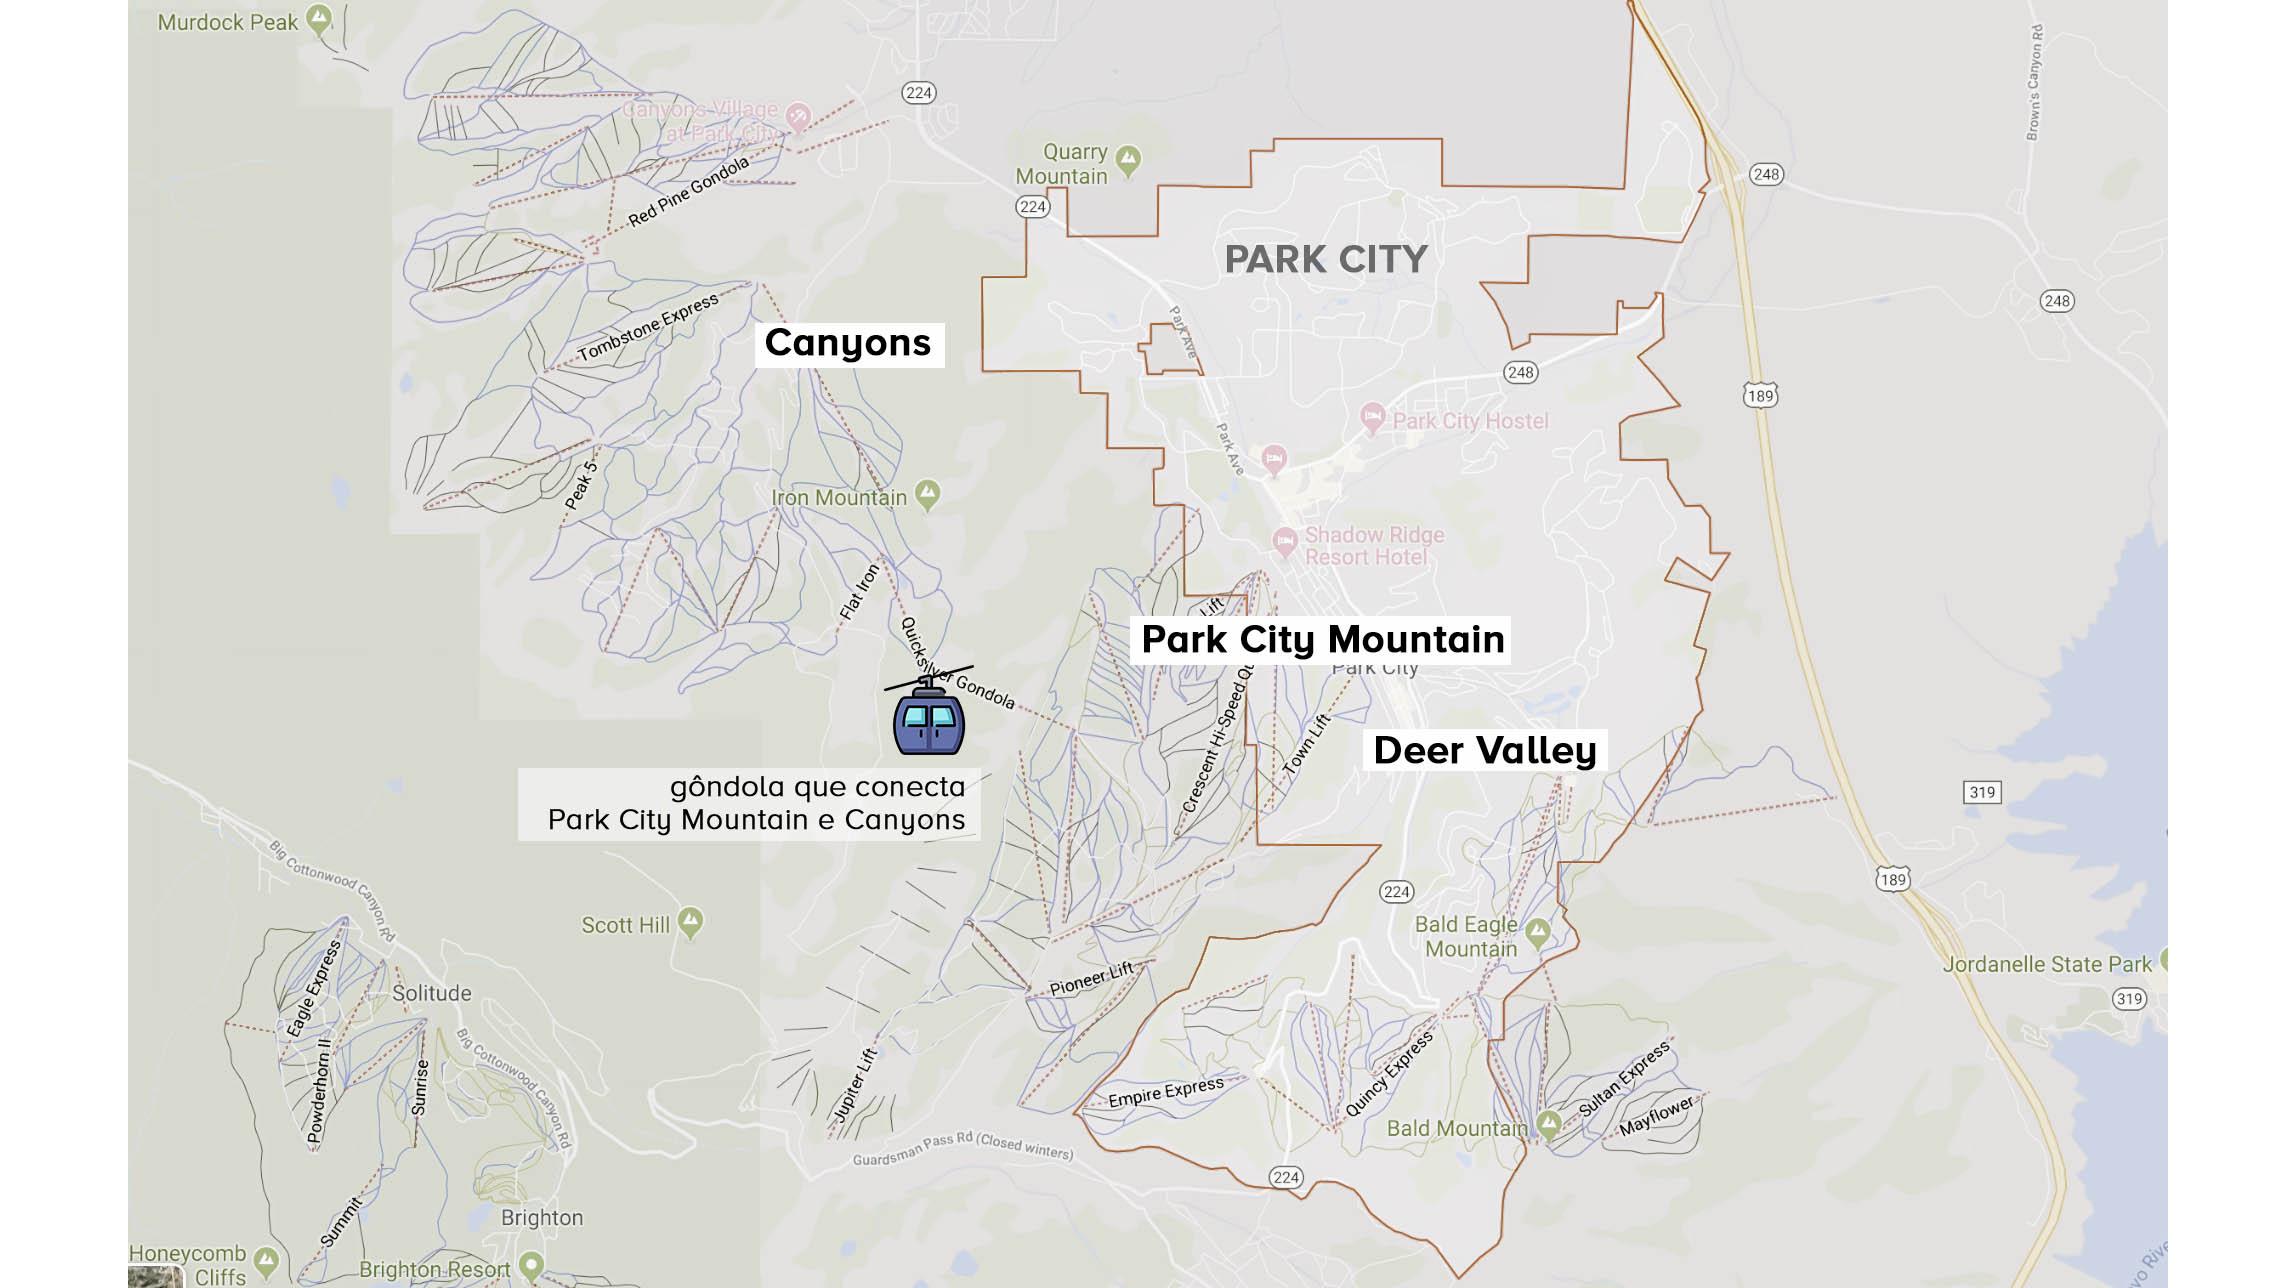 estações de ski de Park City indicadas no mapa